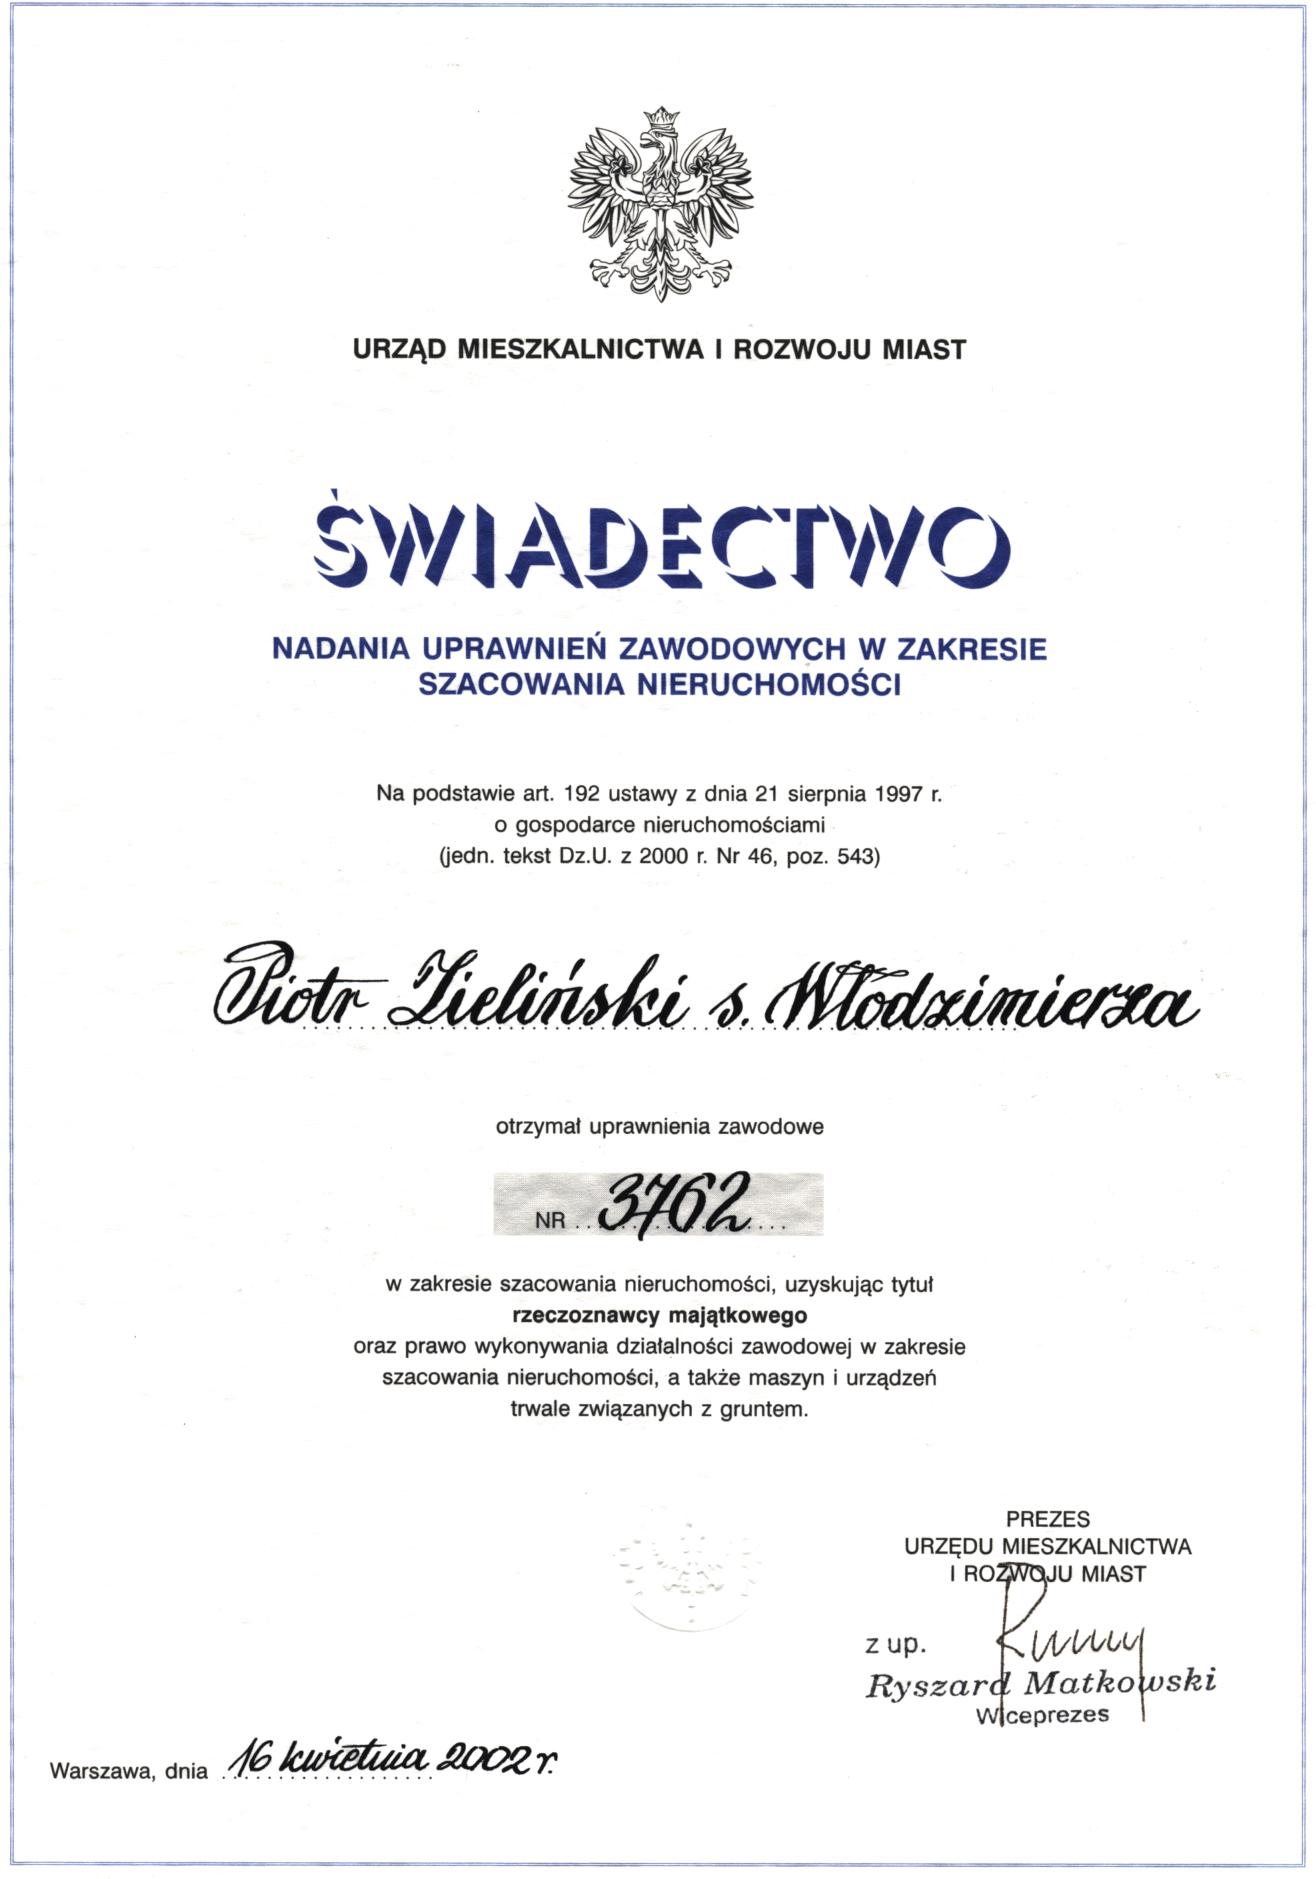 uprawnienia rzeczoznawcy Piotr Zieliński